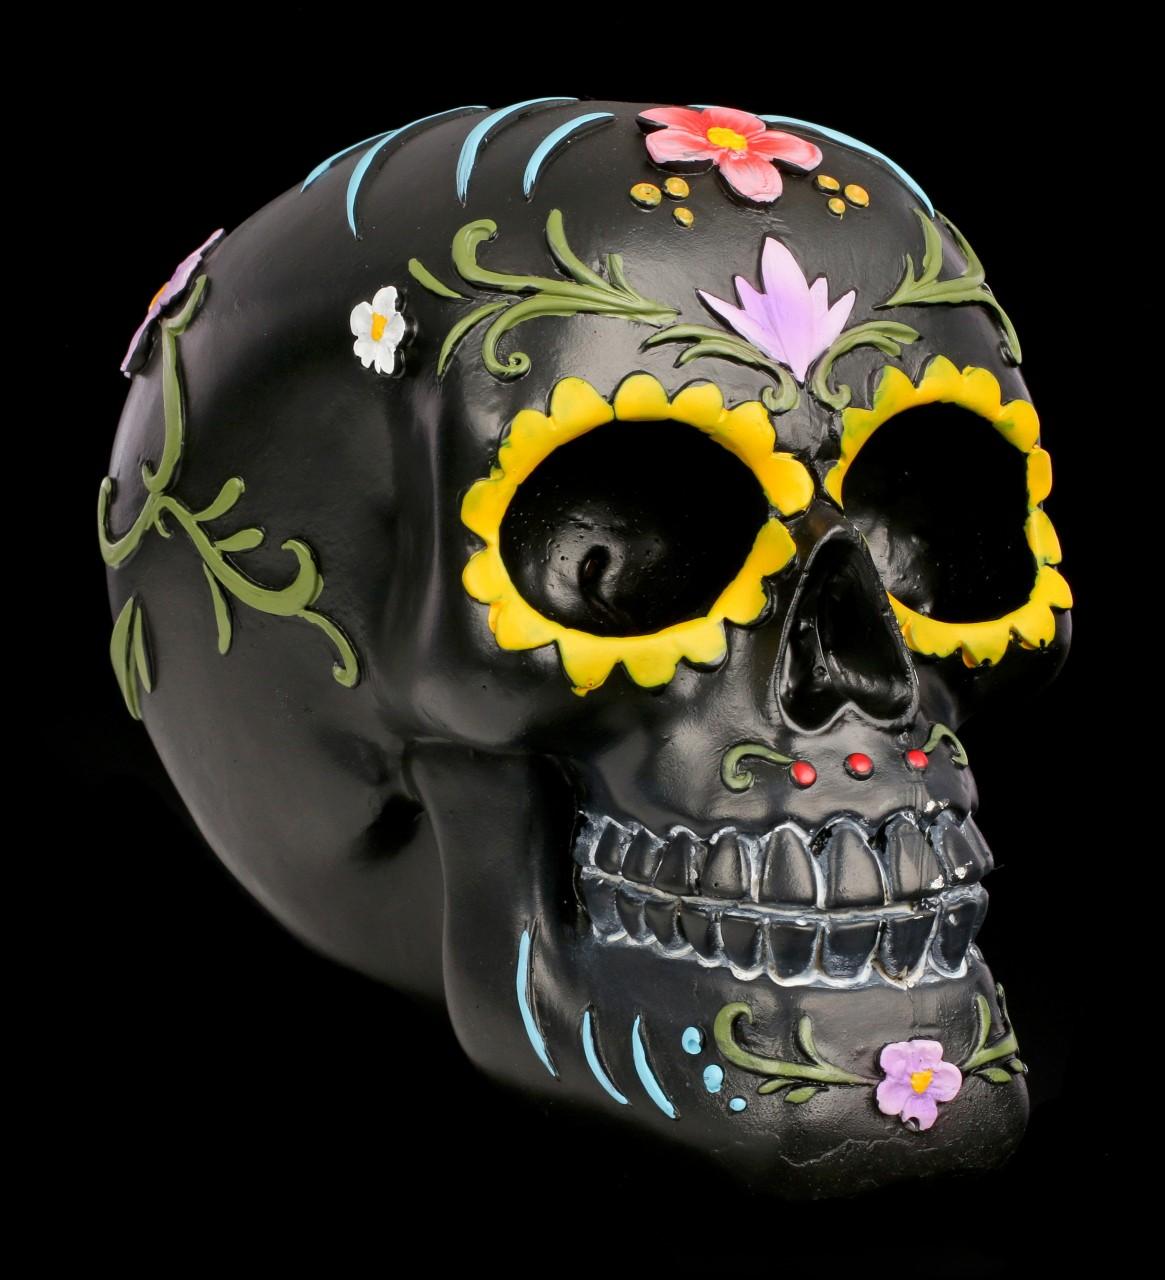 Black Skull - Floral Festivities